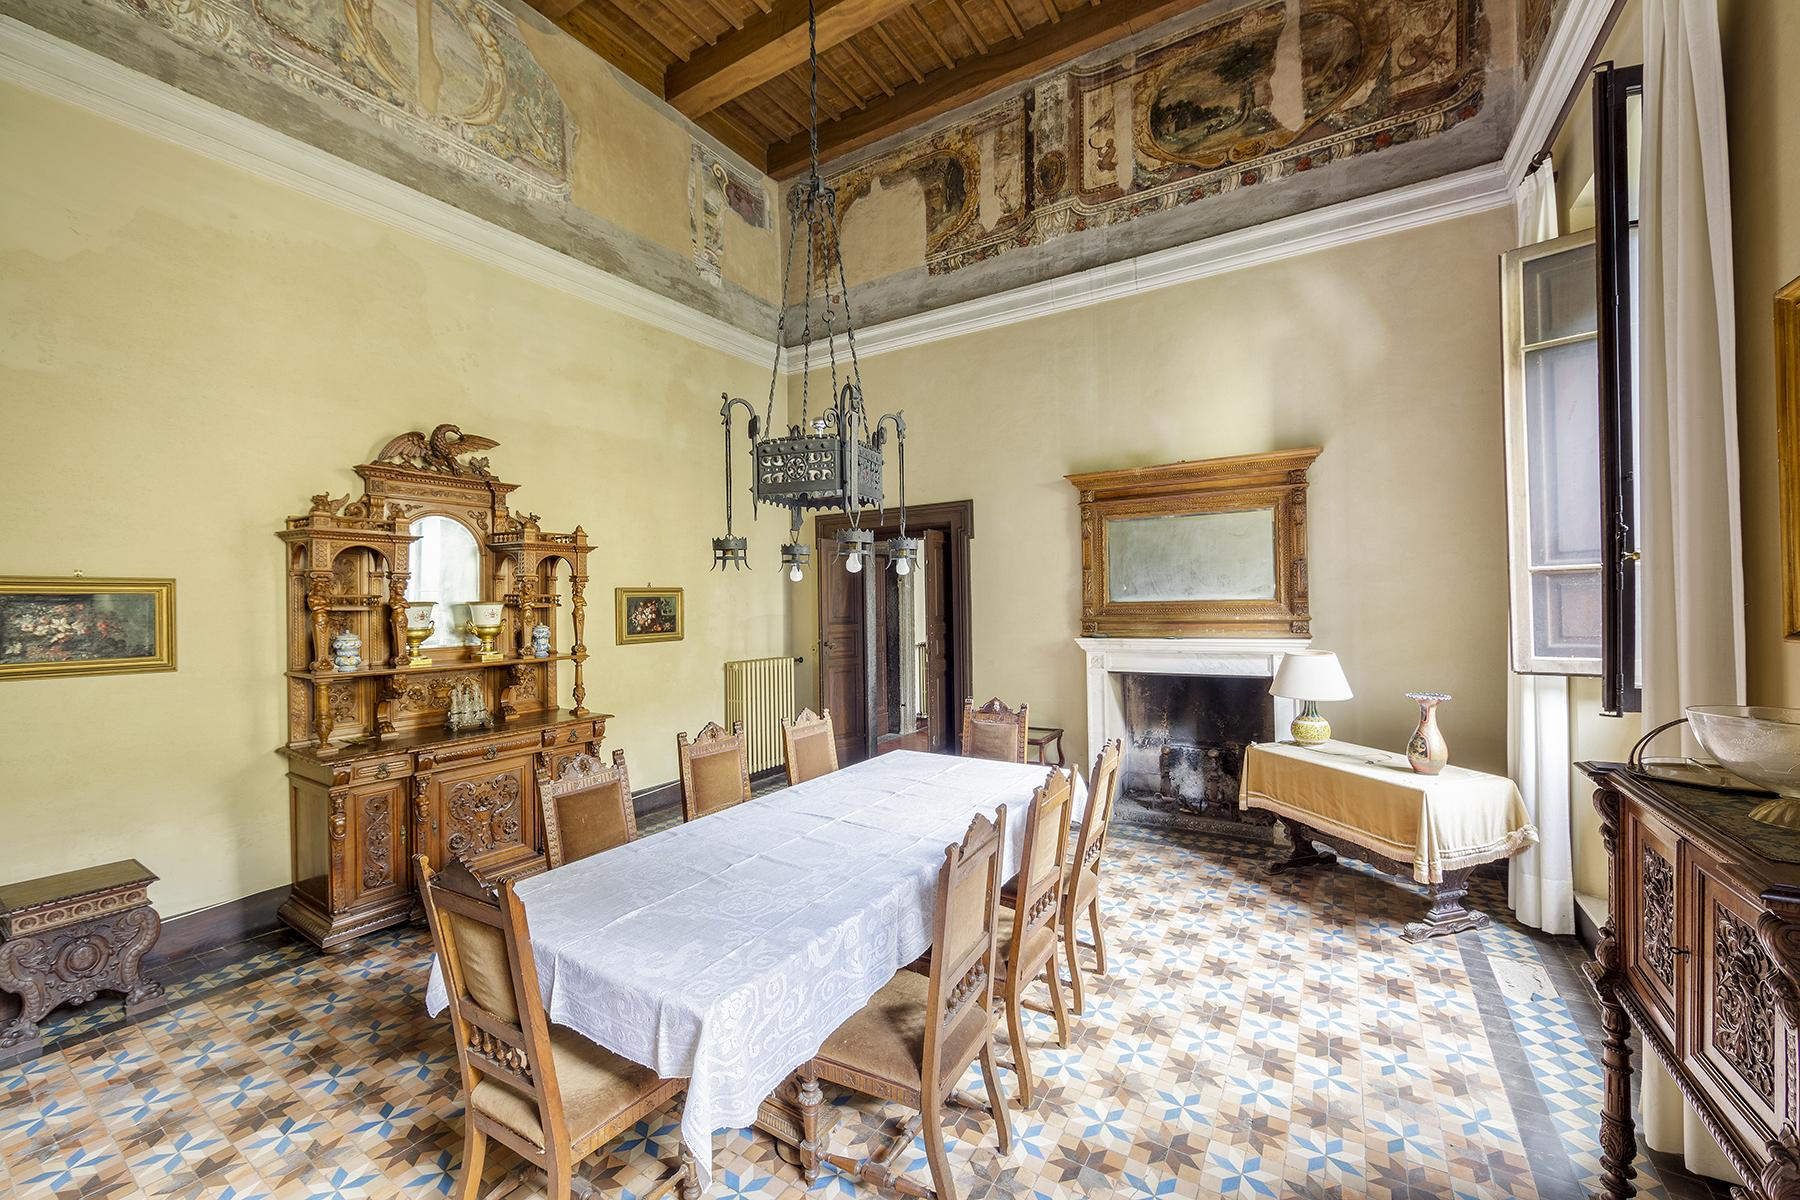 Прекрасный дворец в стиле Ренессанса - 18